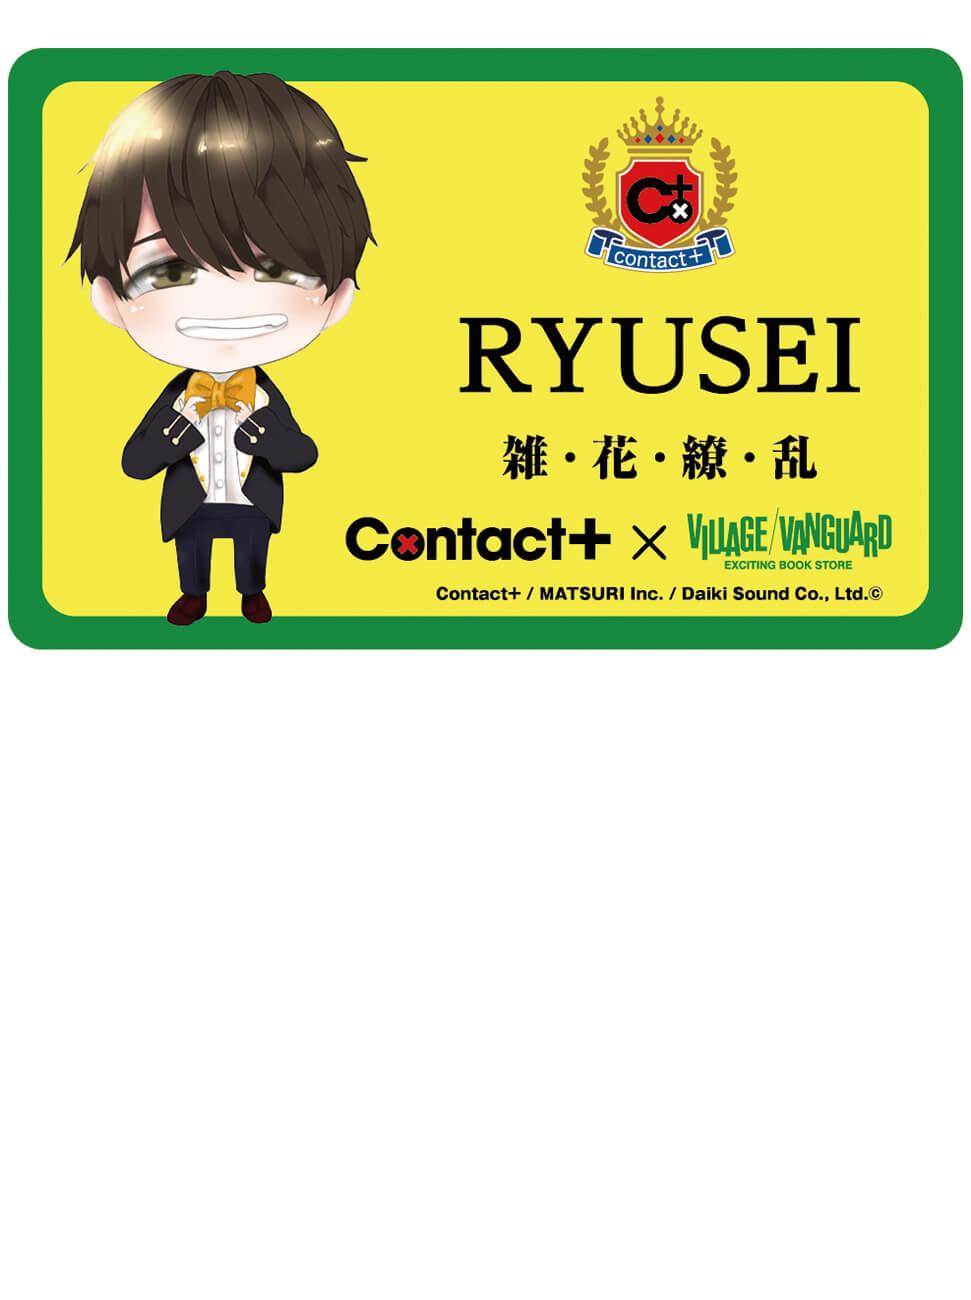 Contact+ / 雑・花・繚・乱(りゅうせいver)